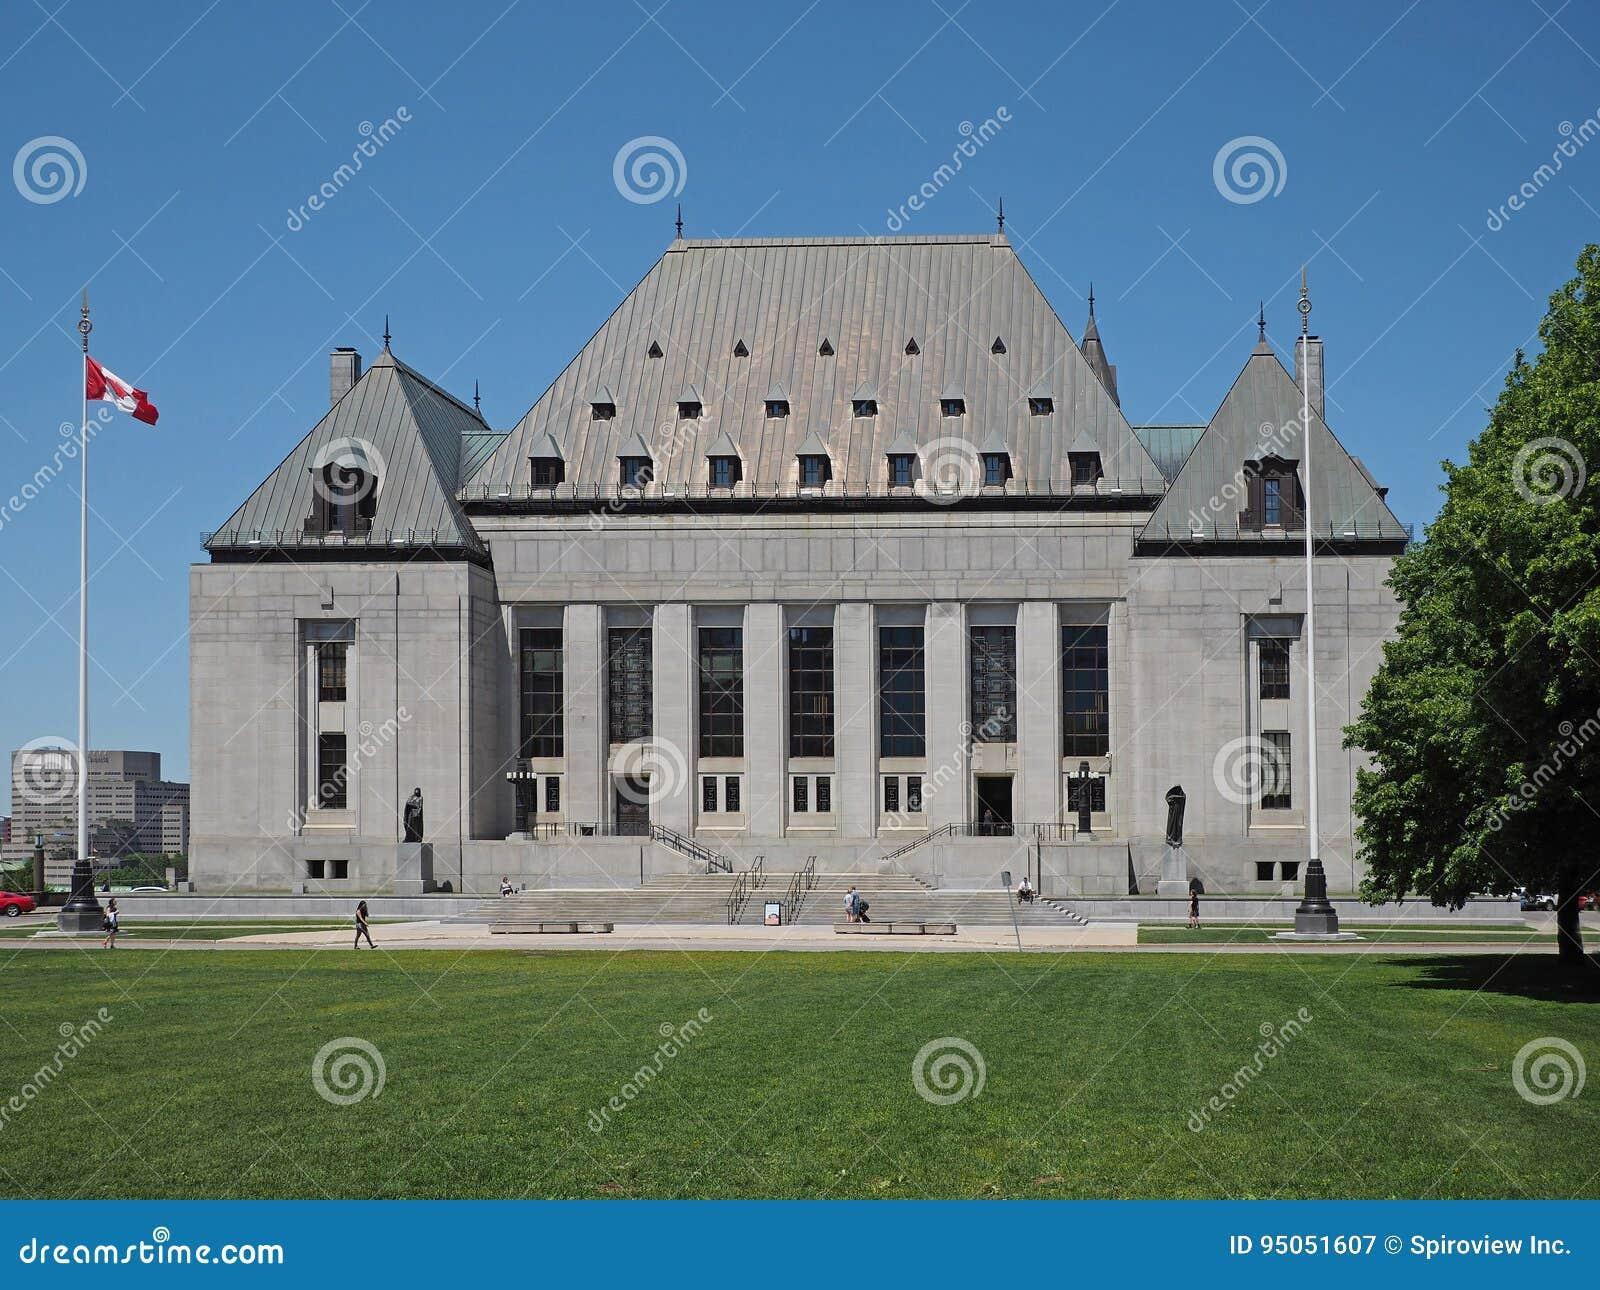 Art Et Decoration Juin 2017 court suprême du canada photographie éditorial. image du